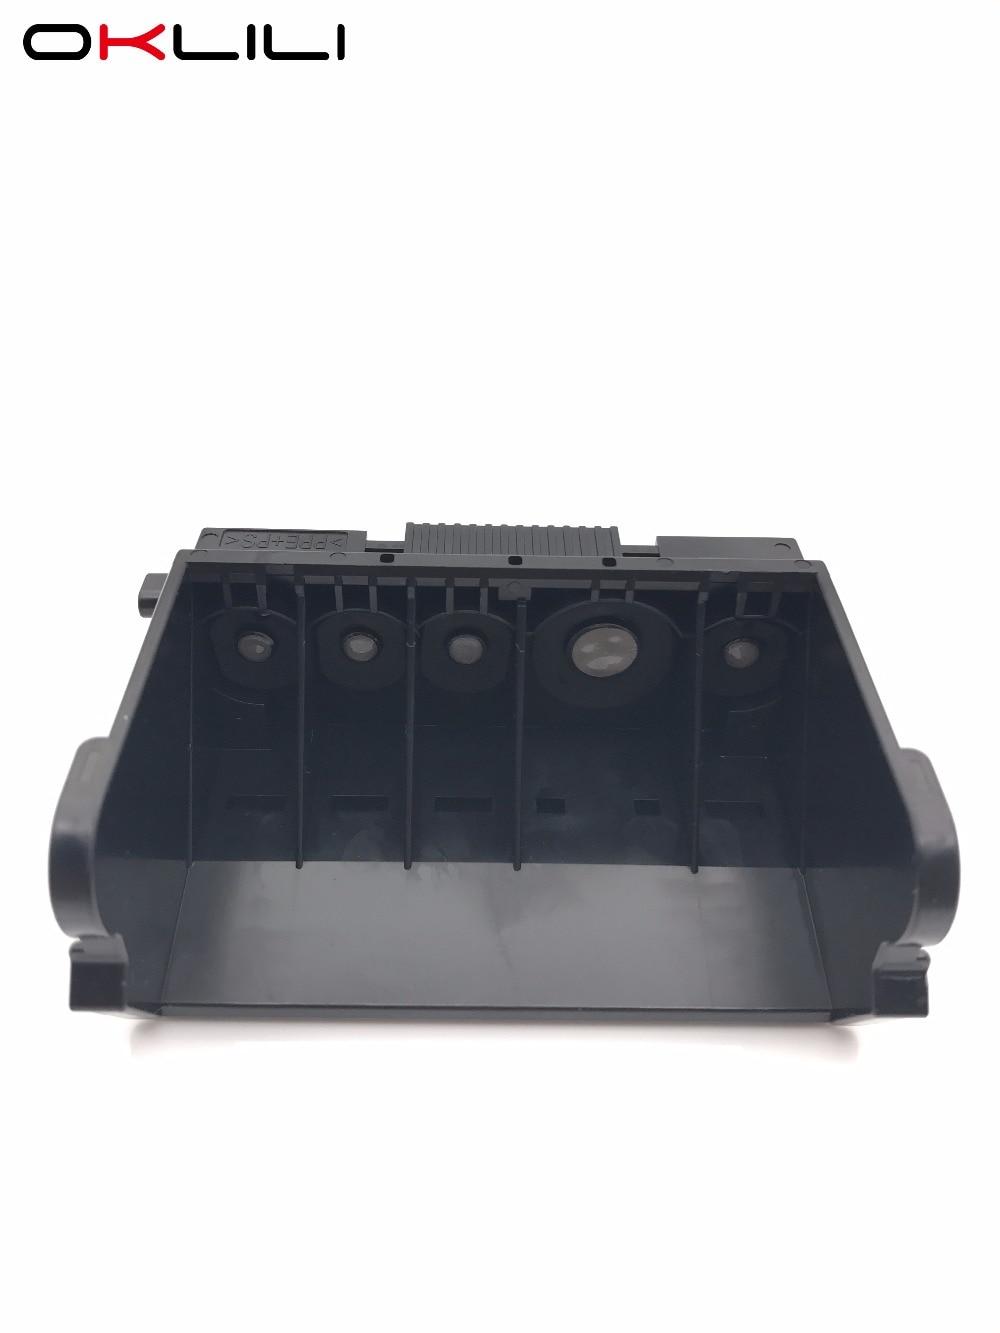 oklili original qy6 0059 qy6 0059 000 cabeca de impressao da cabeca impressora cabeca para canon